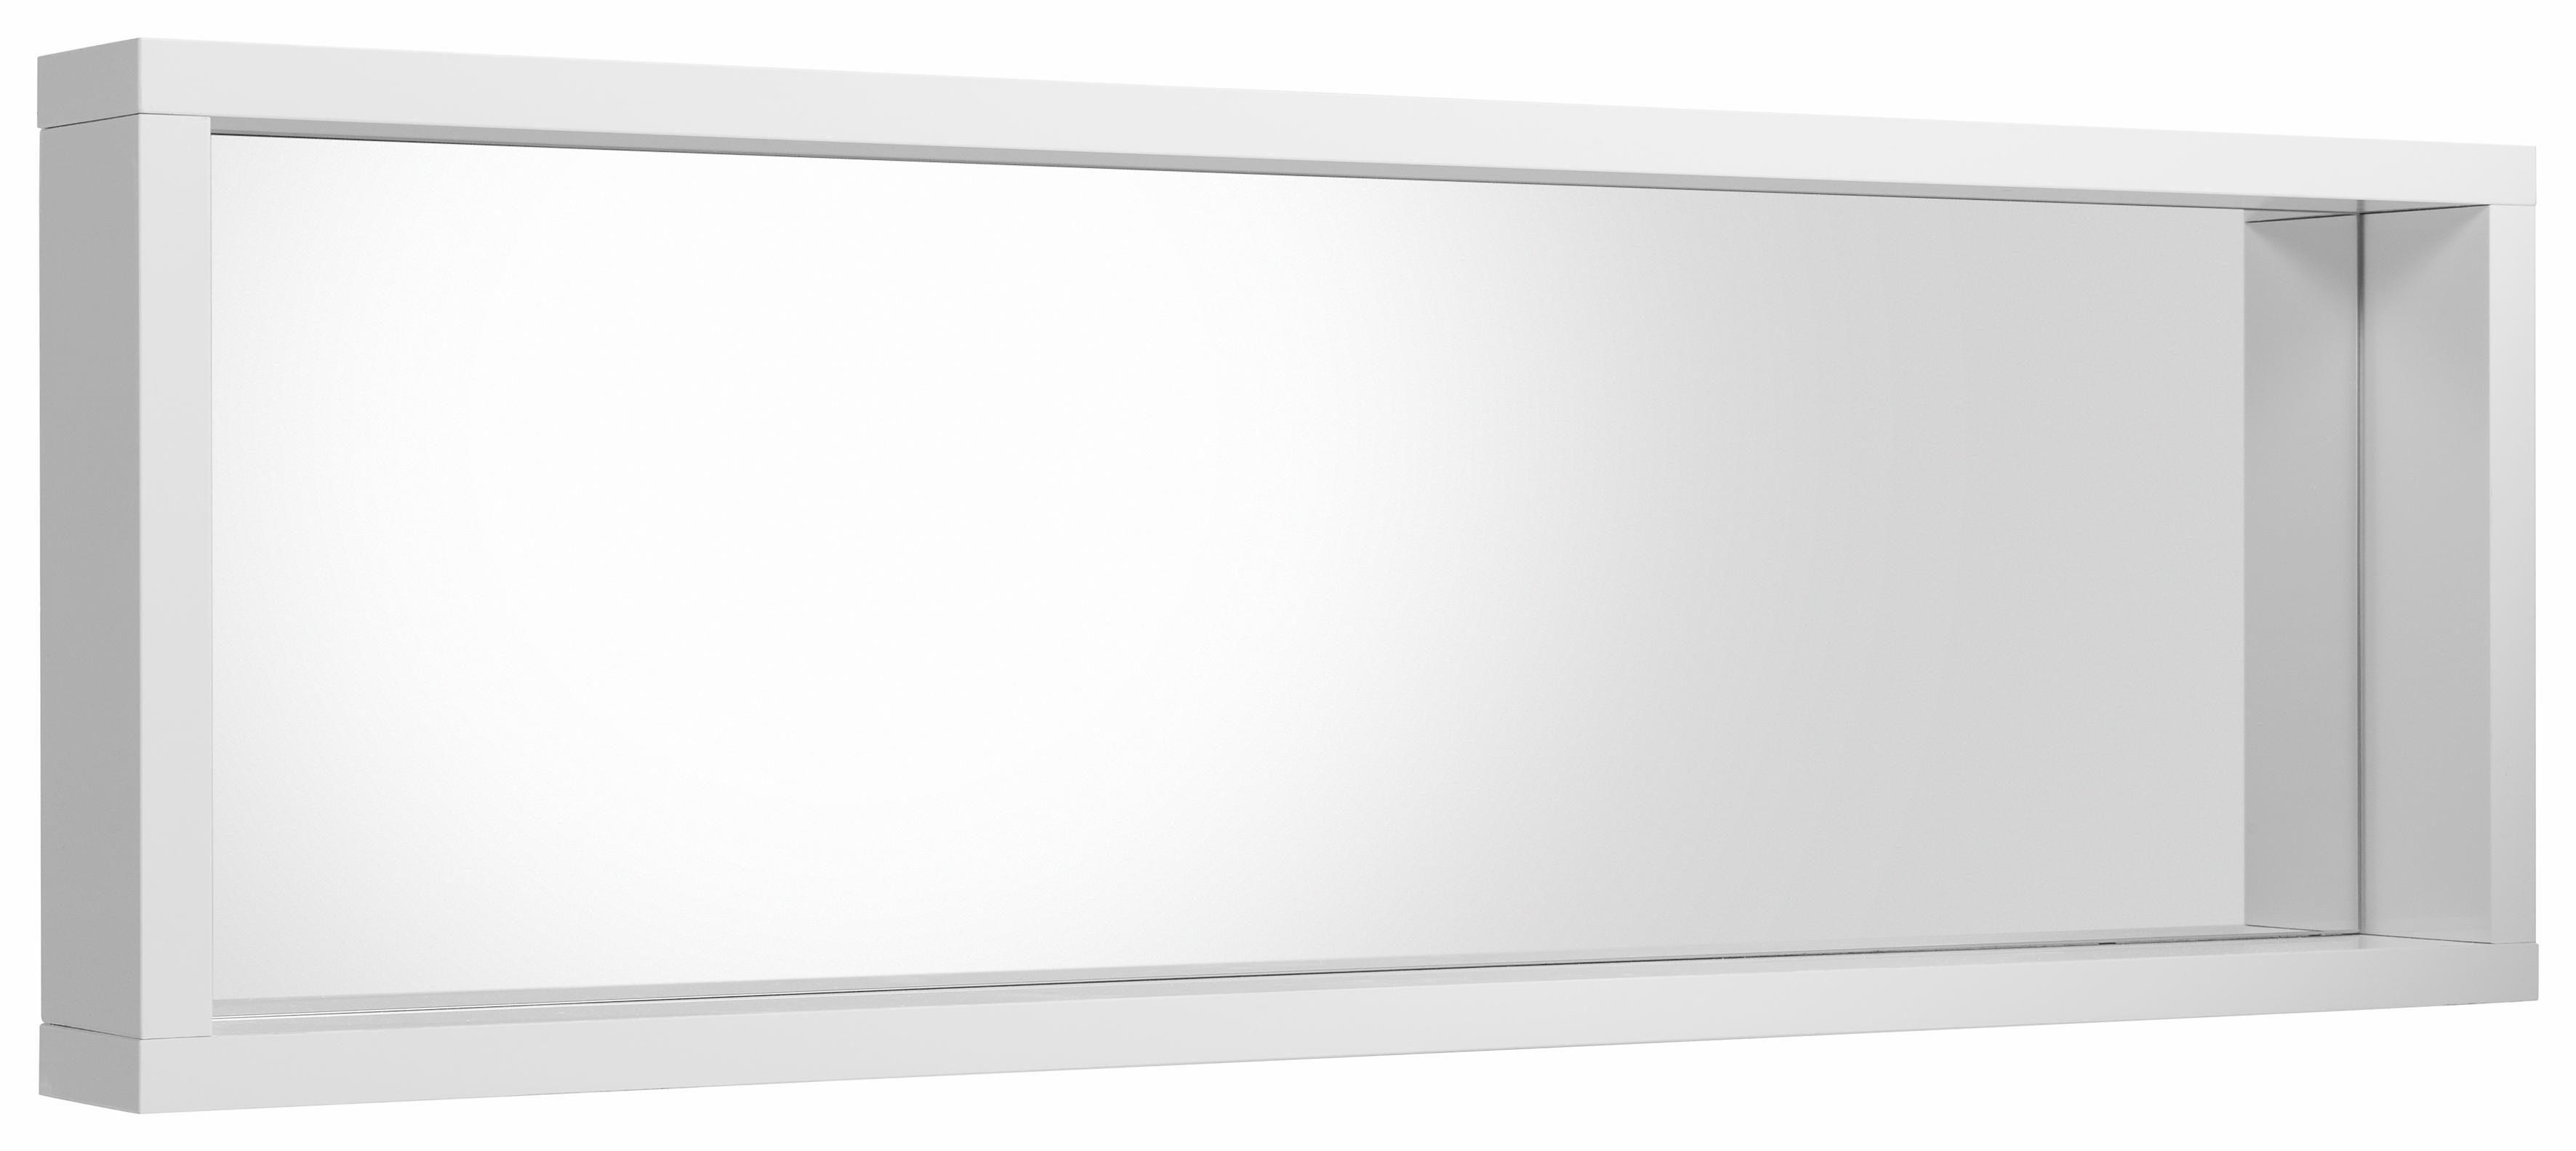 HMW Spiegelpaneel «Spazio«